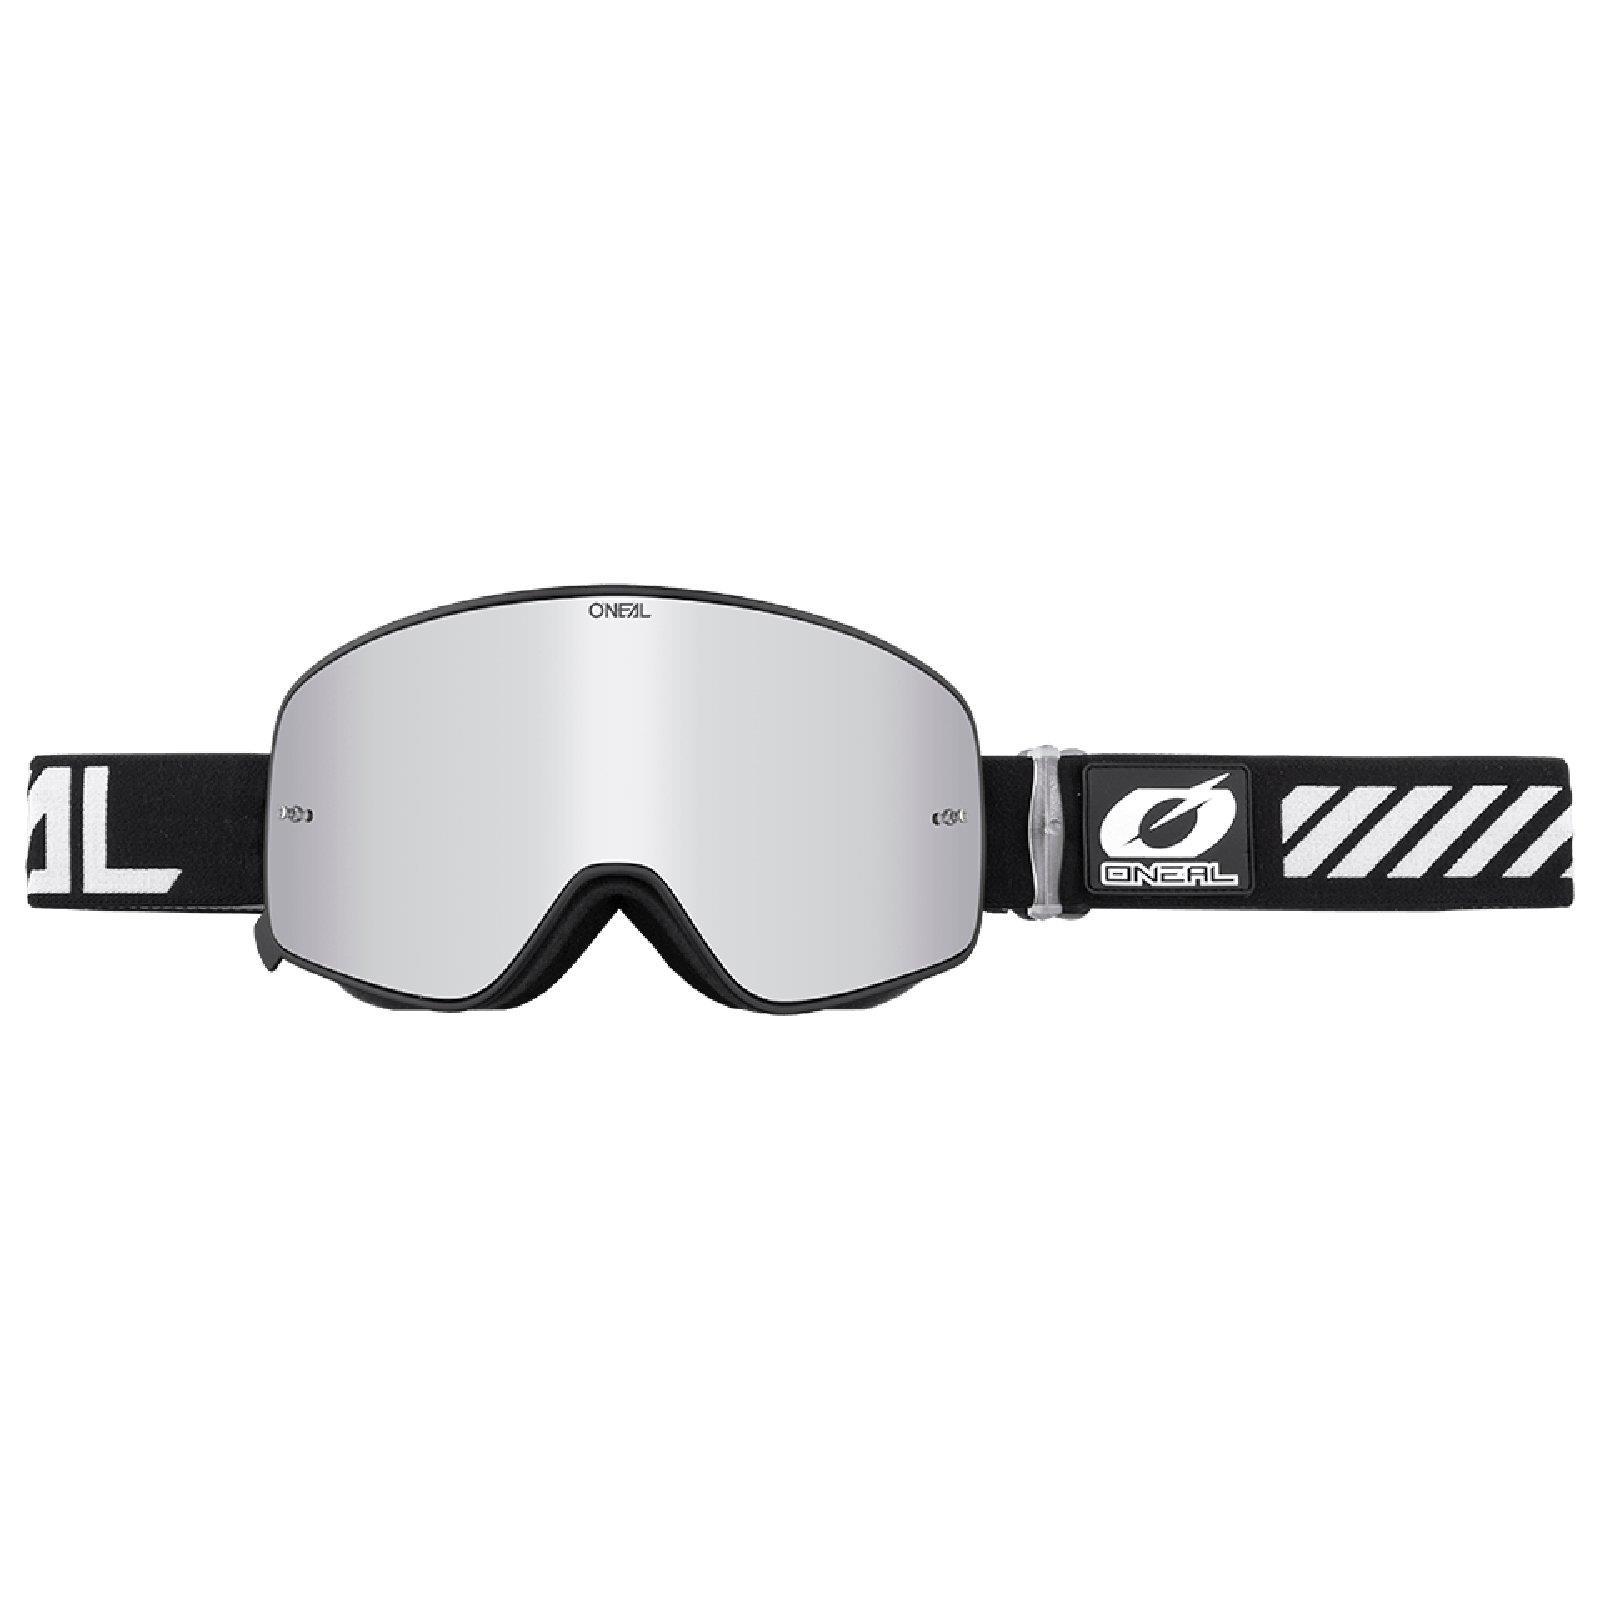 Ersatz Scheibe MTB ONeal B-50 Goggle Force Moto Cross Brille Verspiegelt Klar